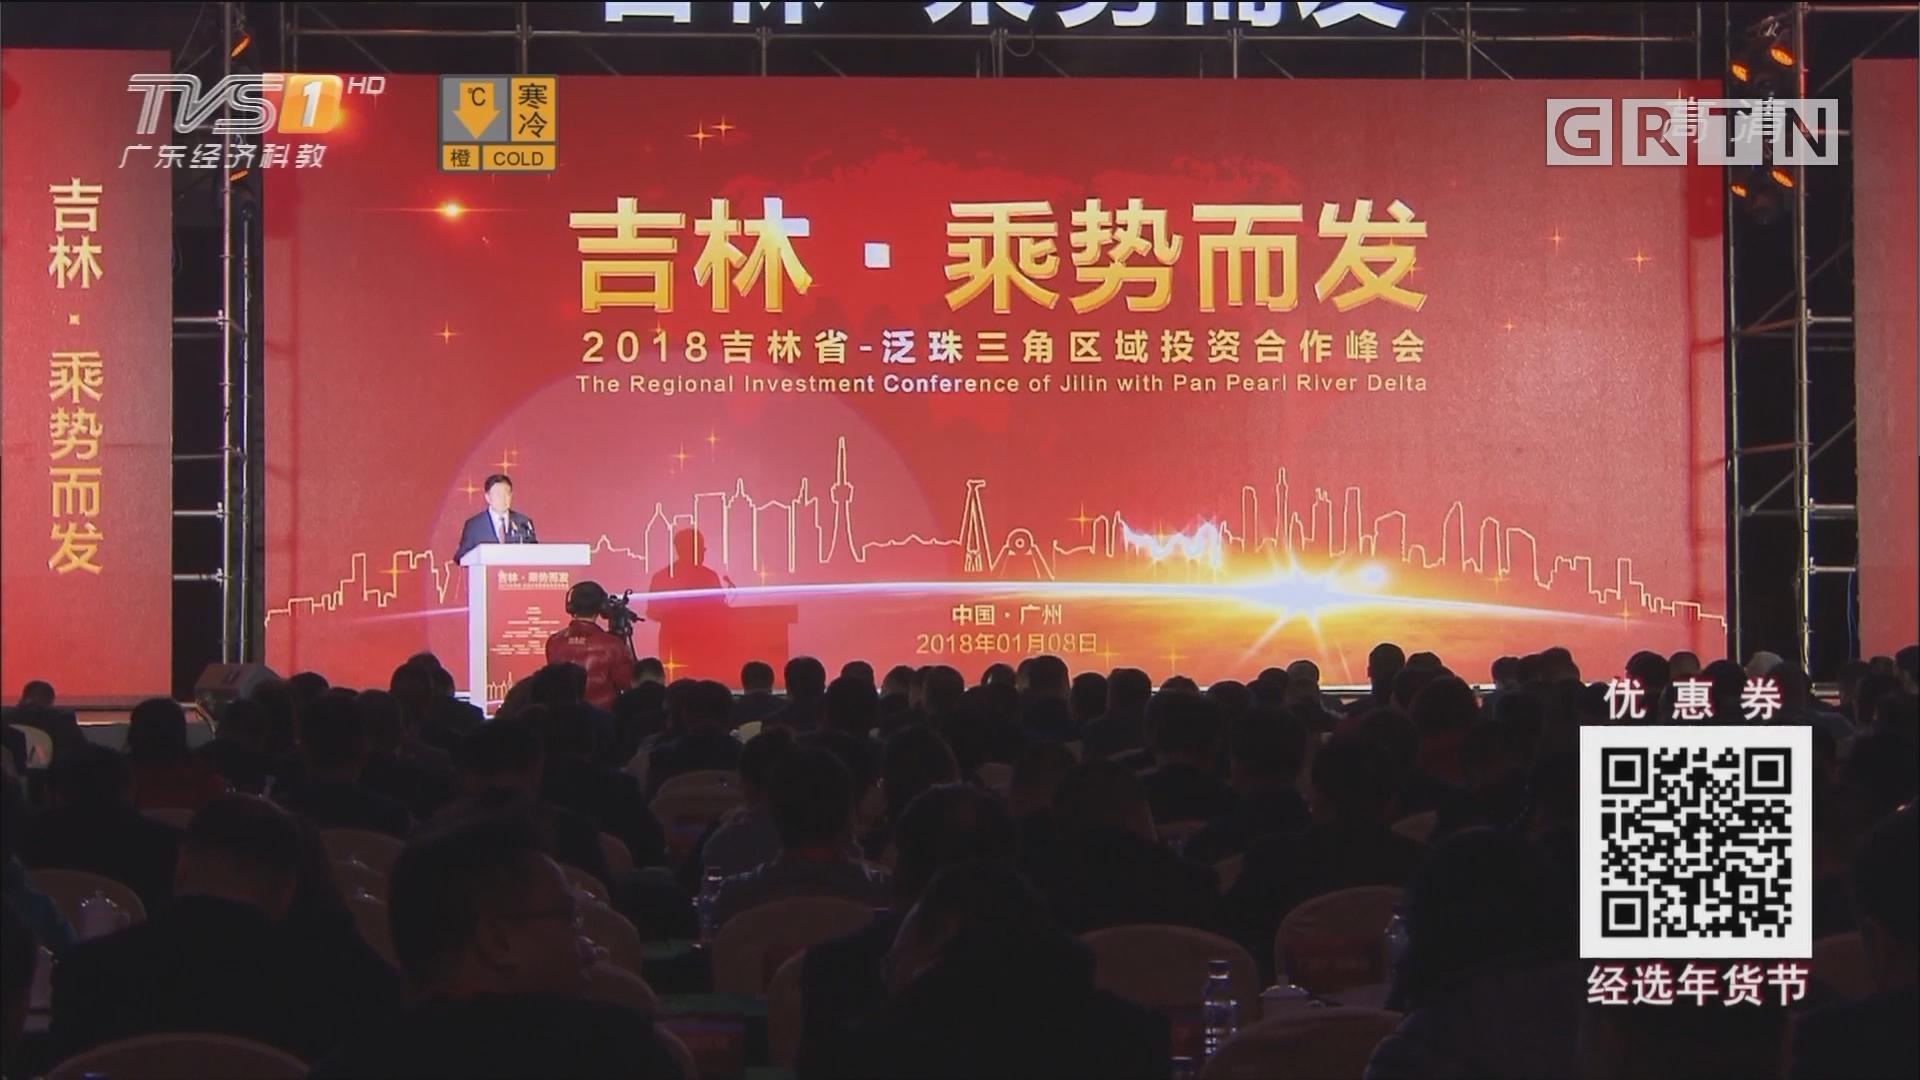 广州:2018吉林省—泛珠三角区域投资合作峰会召开